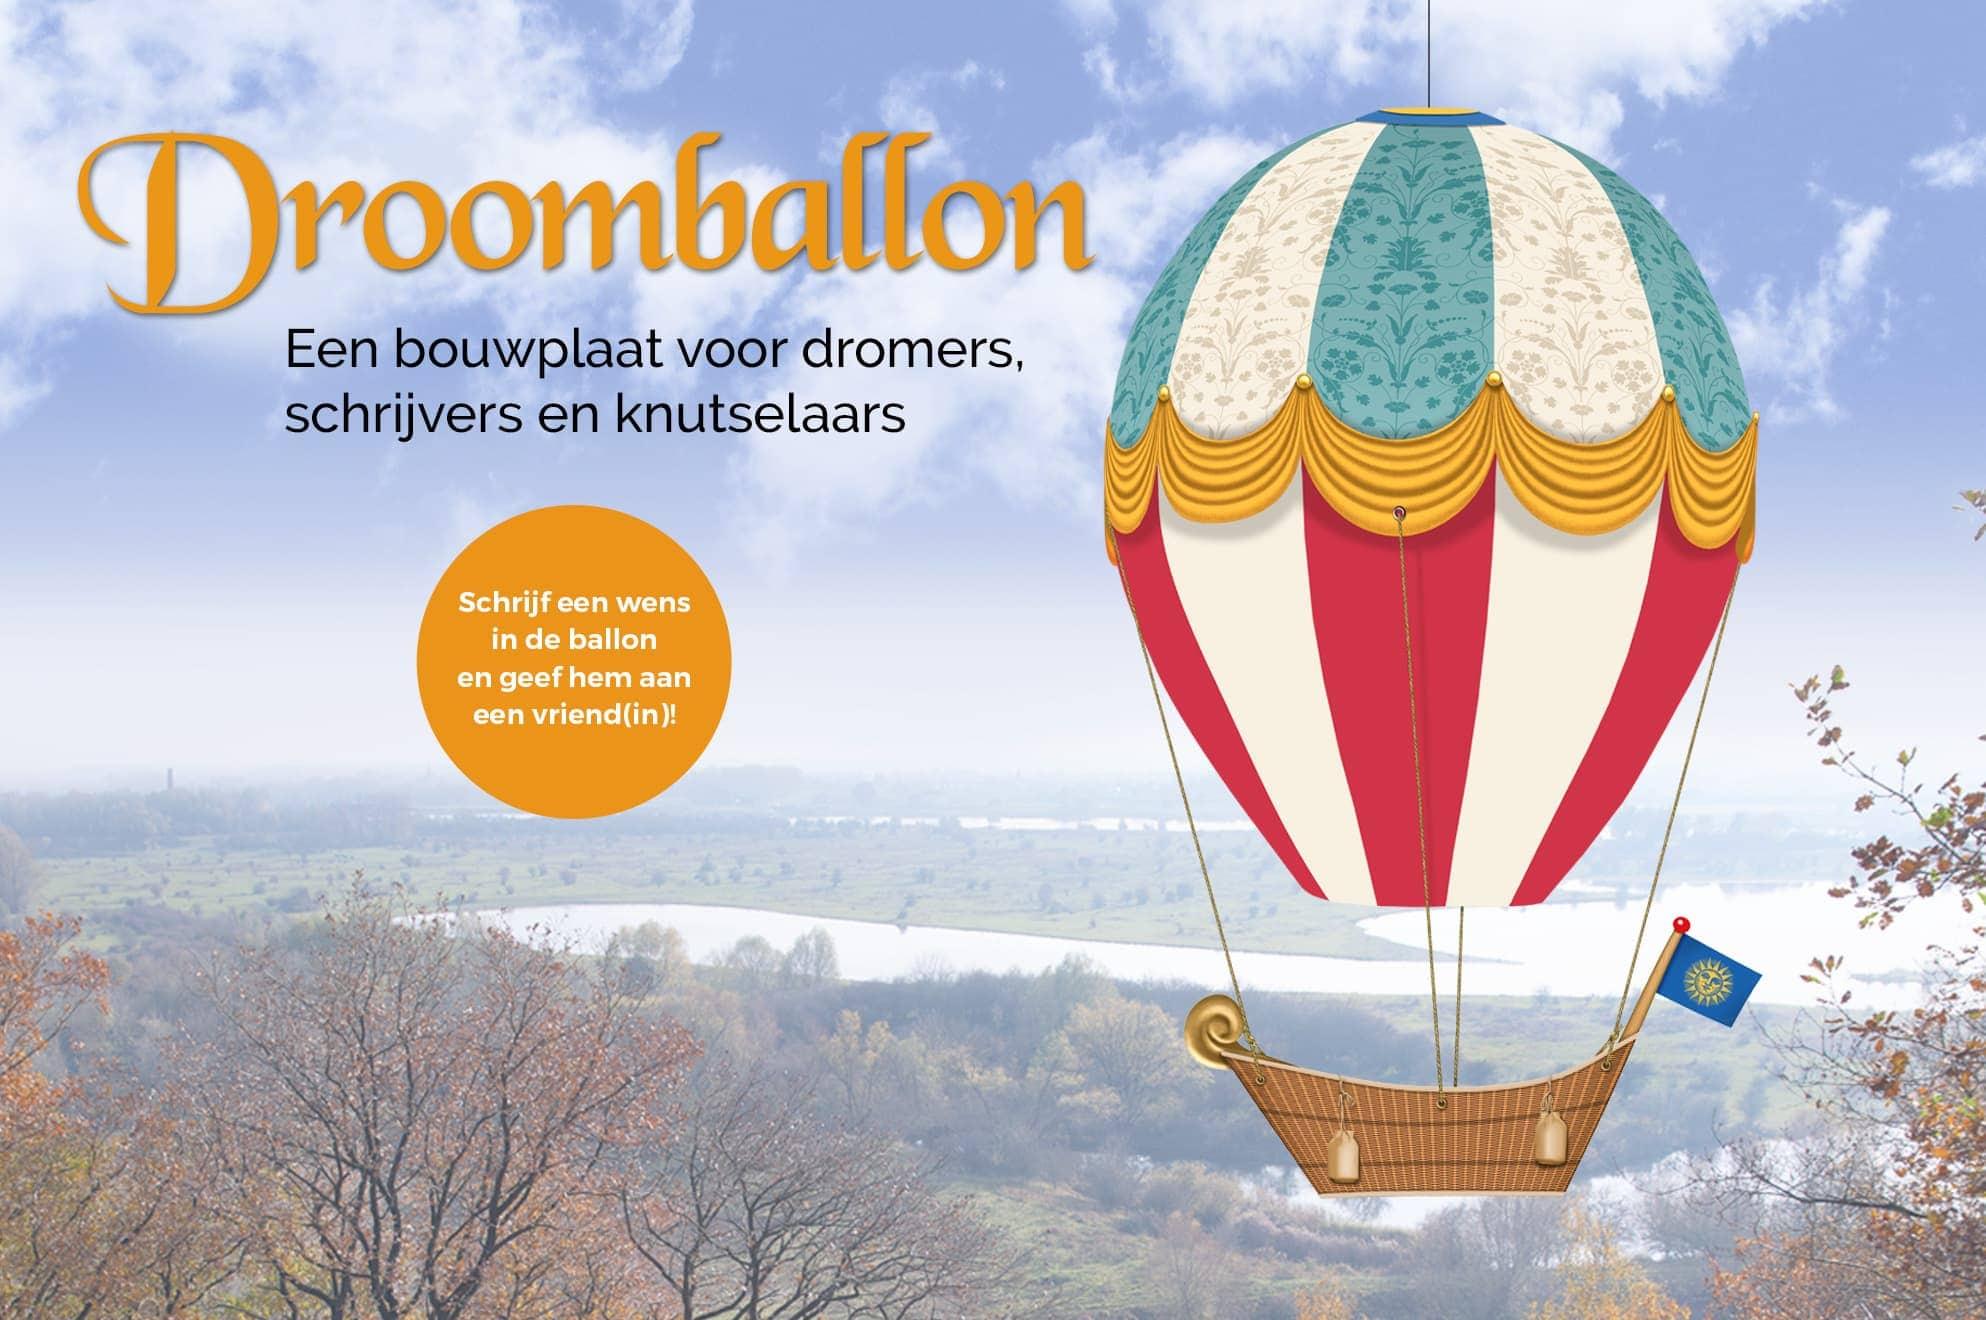 Droomballon bouwplaat ontwerp Ben Drost